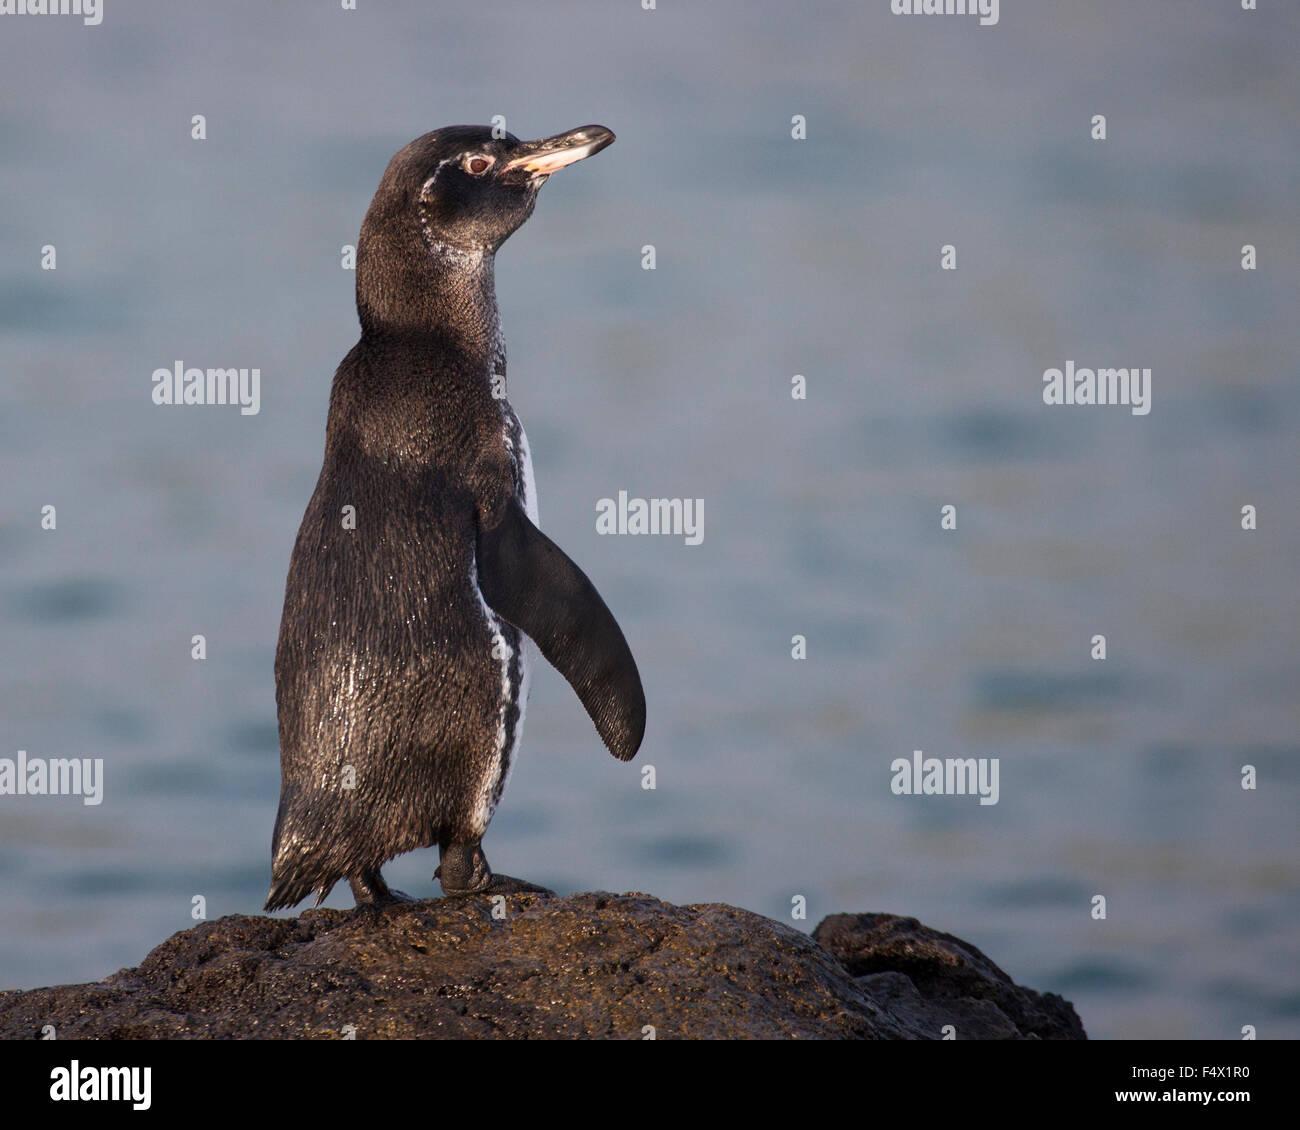 Galapagos Penguin (Spheniscus mendiculus) - Stock Image